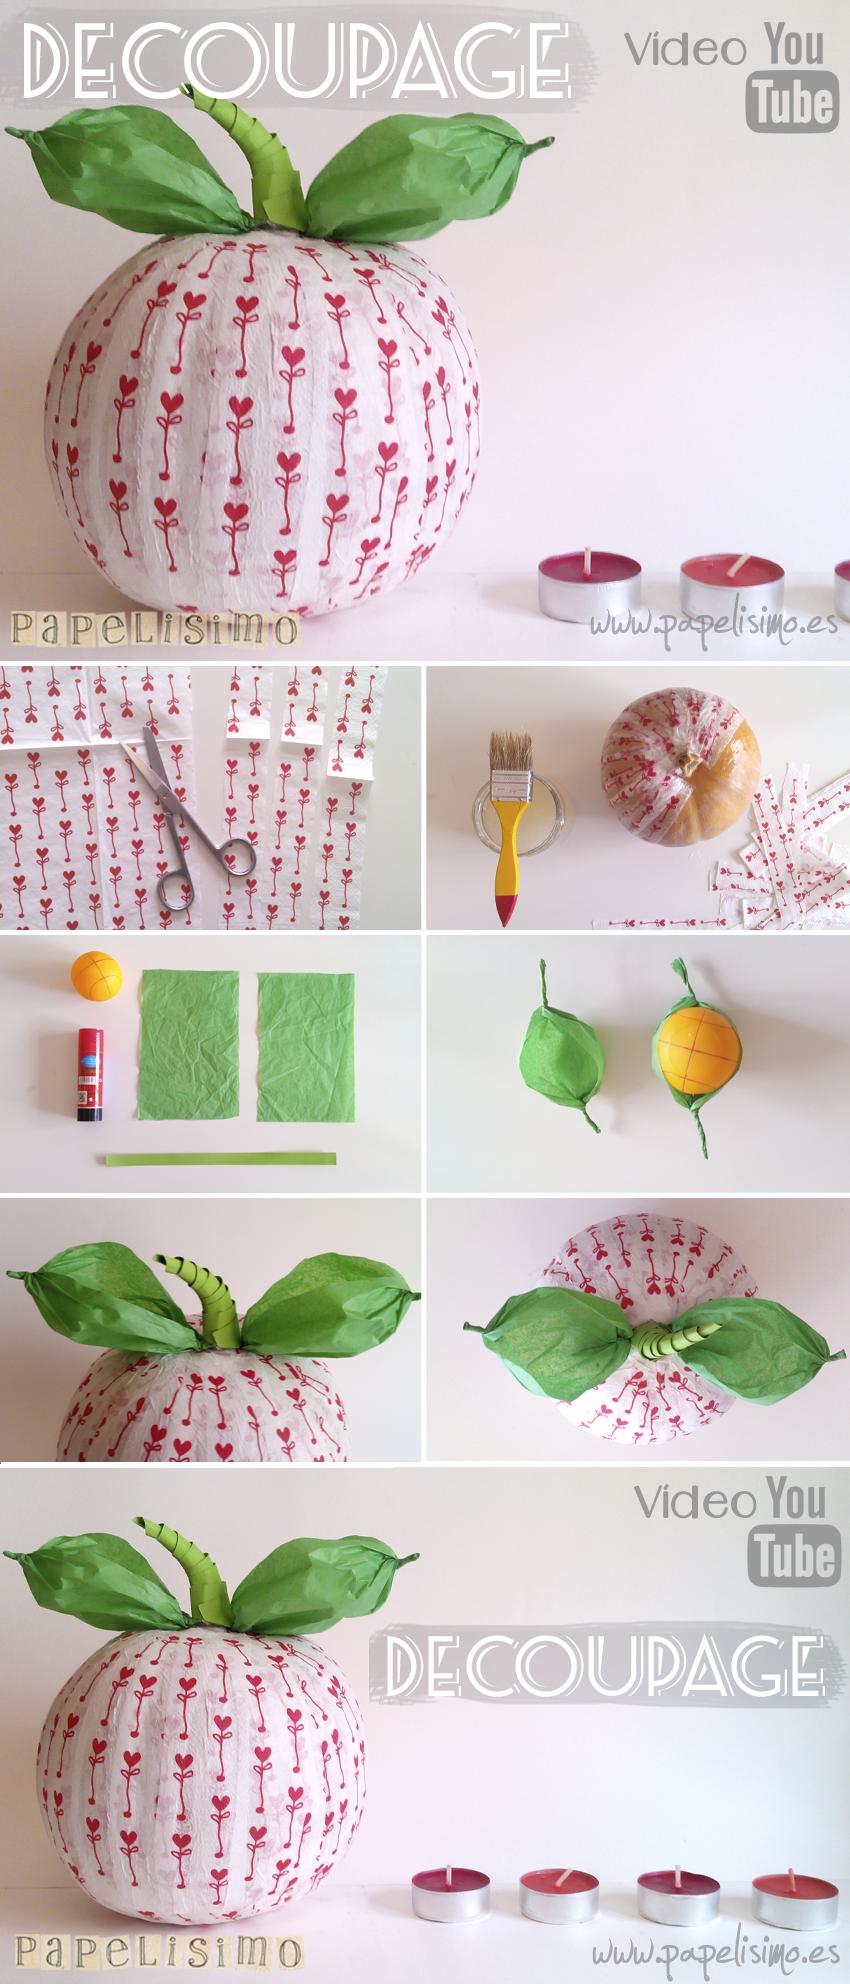 Calabaza decorada con decoupage papelisimo - Calabazas decoradas manualidades ...